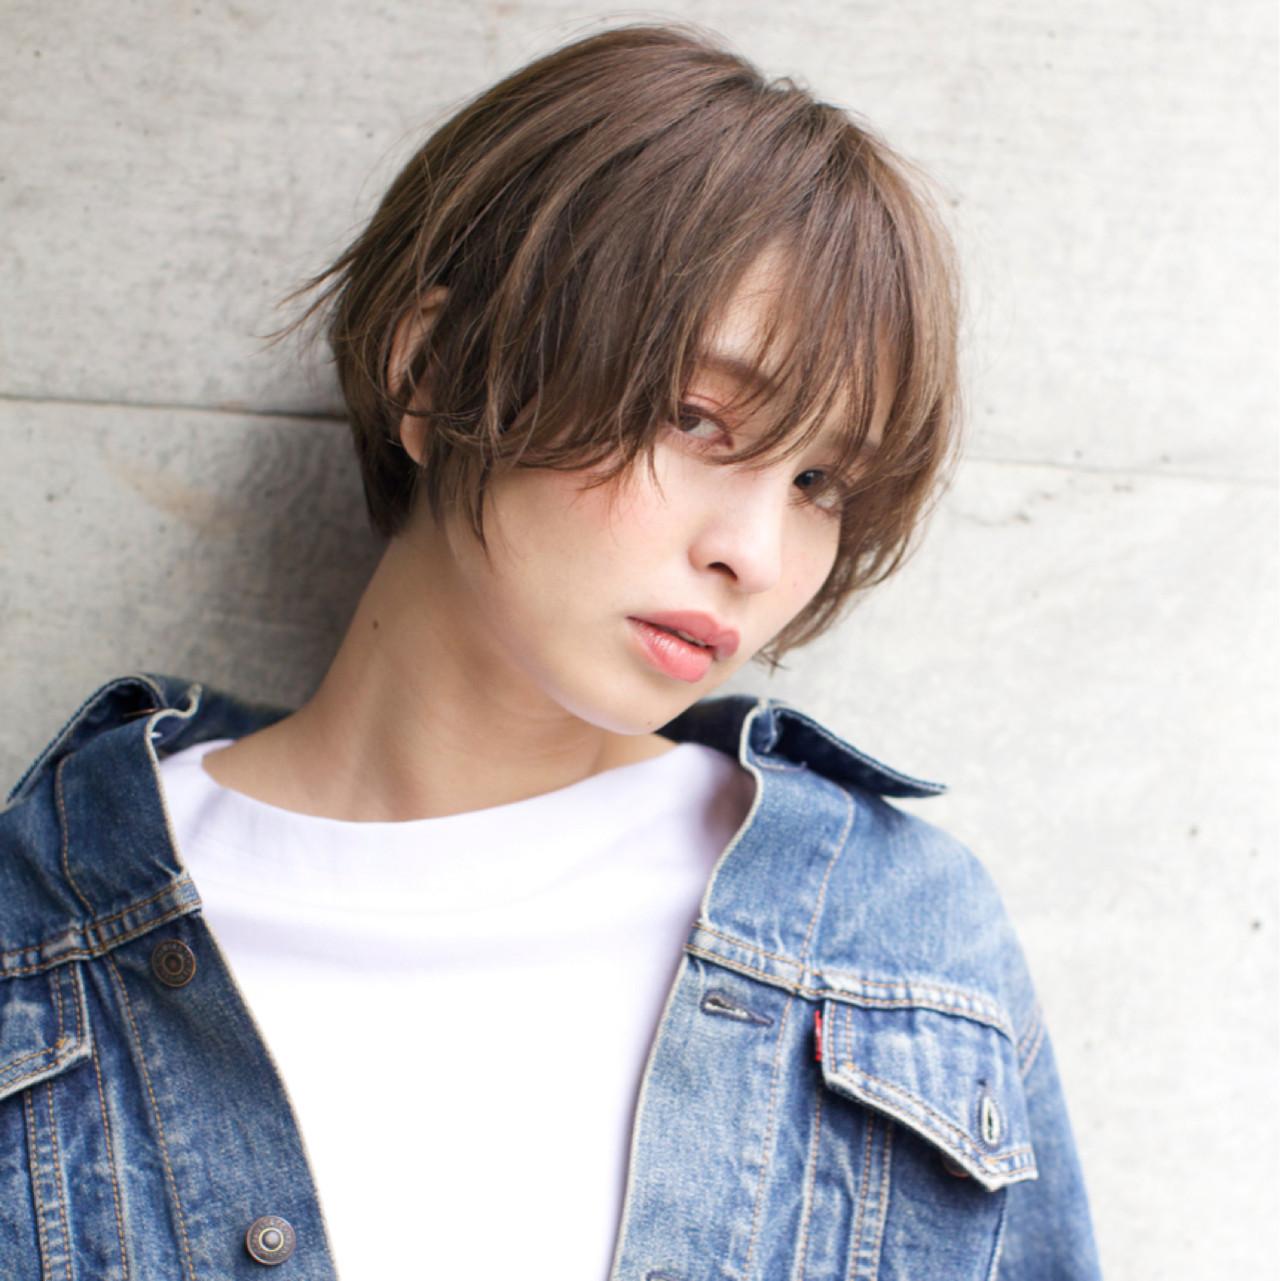 つい真似したくなる♡ショートカットに似合わせる前髪コレクション 佐脇 正徳